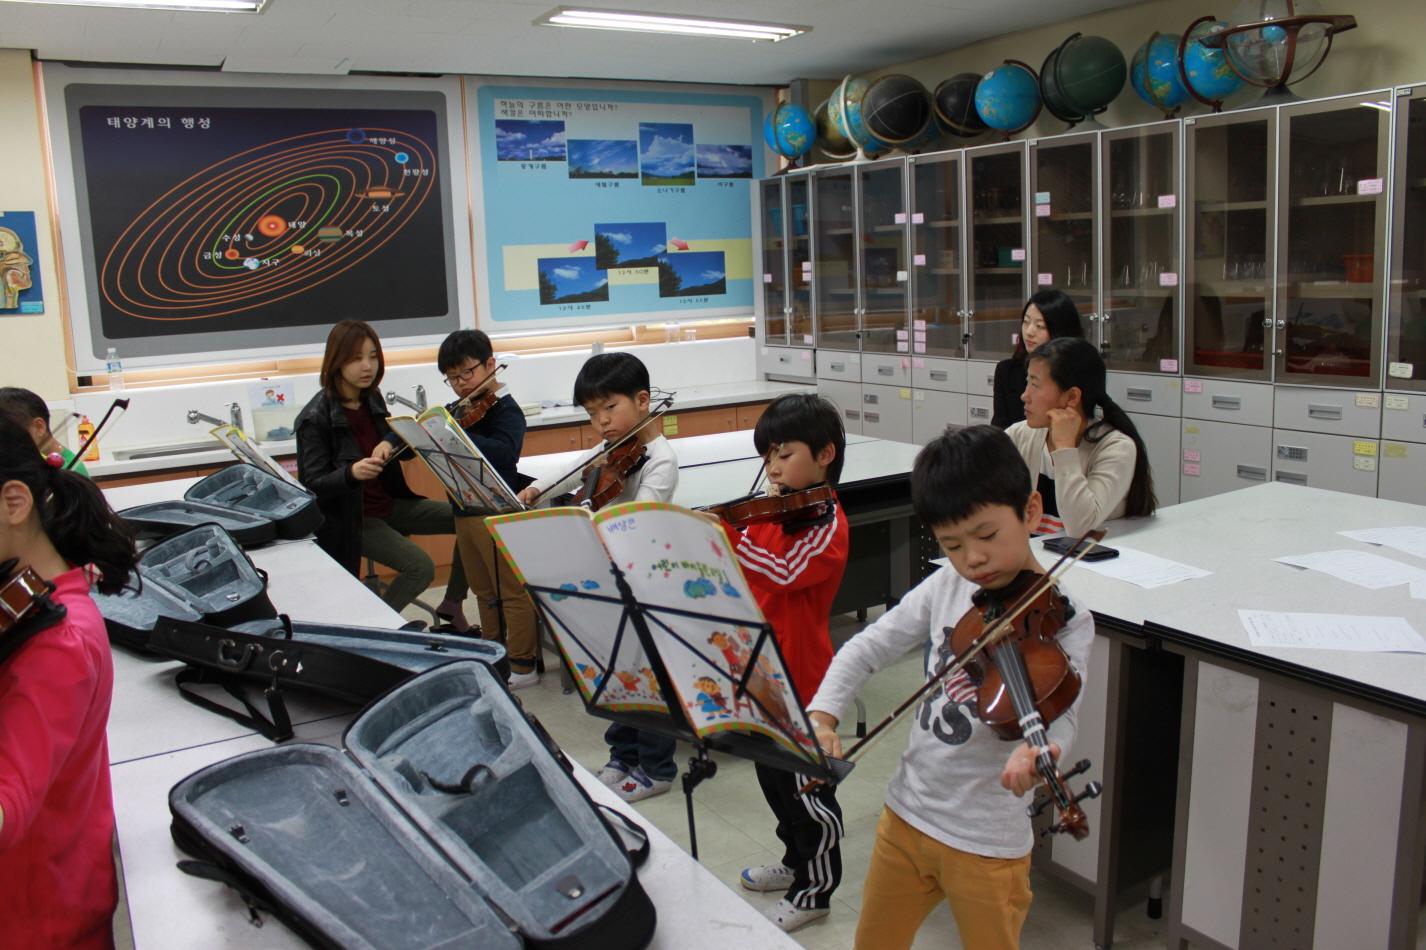 [일반] 방과후학교 학부모 공개수업1의 첨부이미지 2